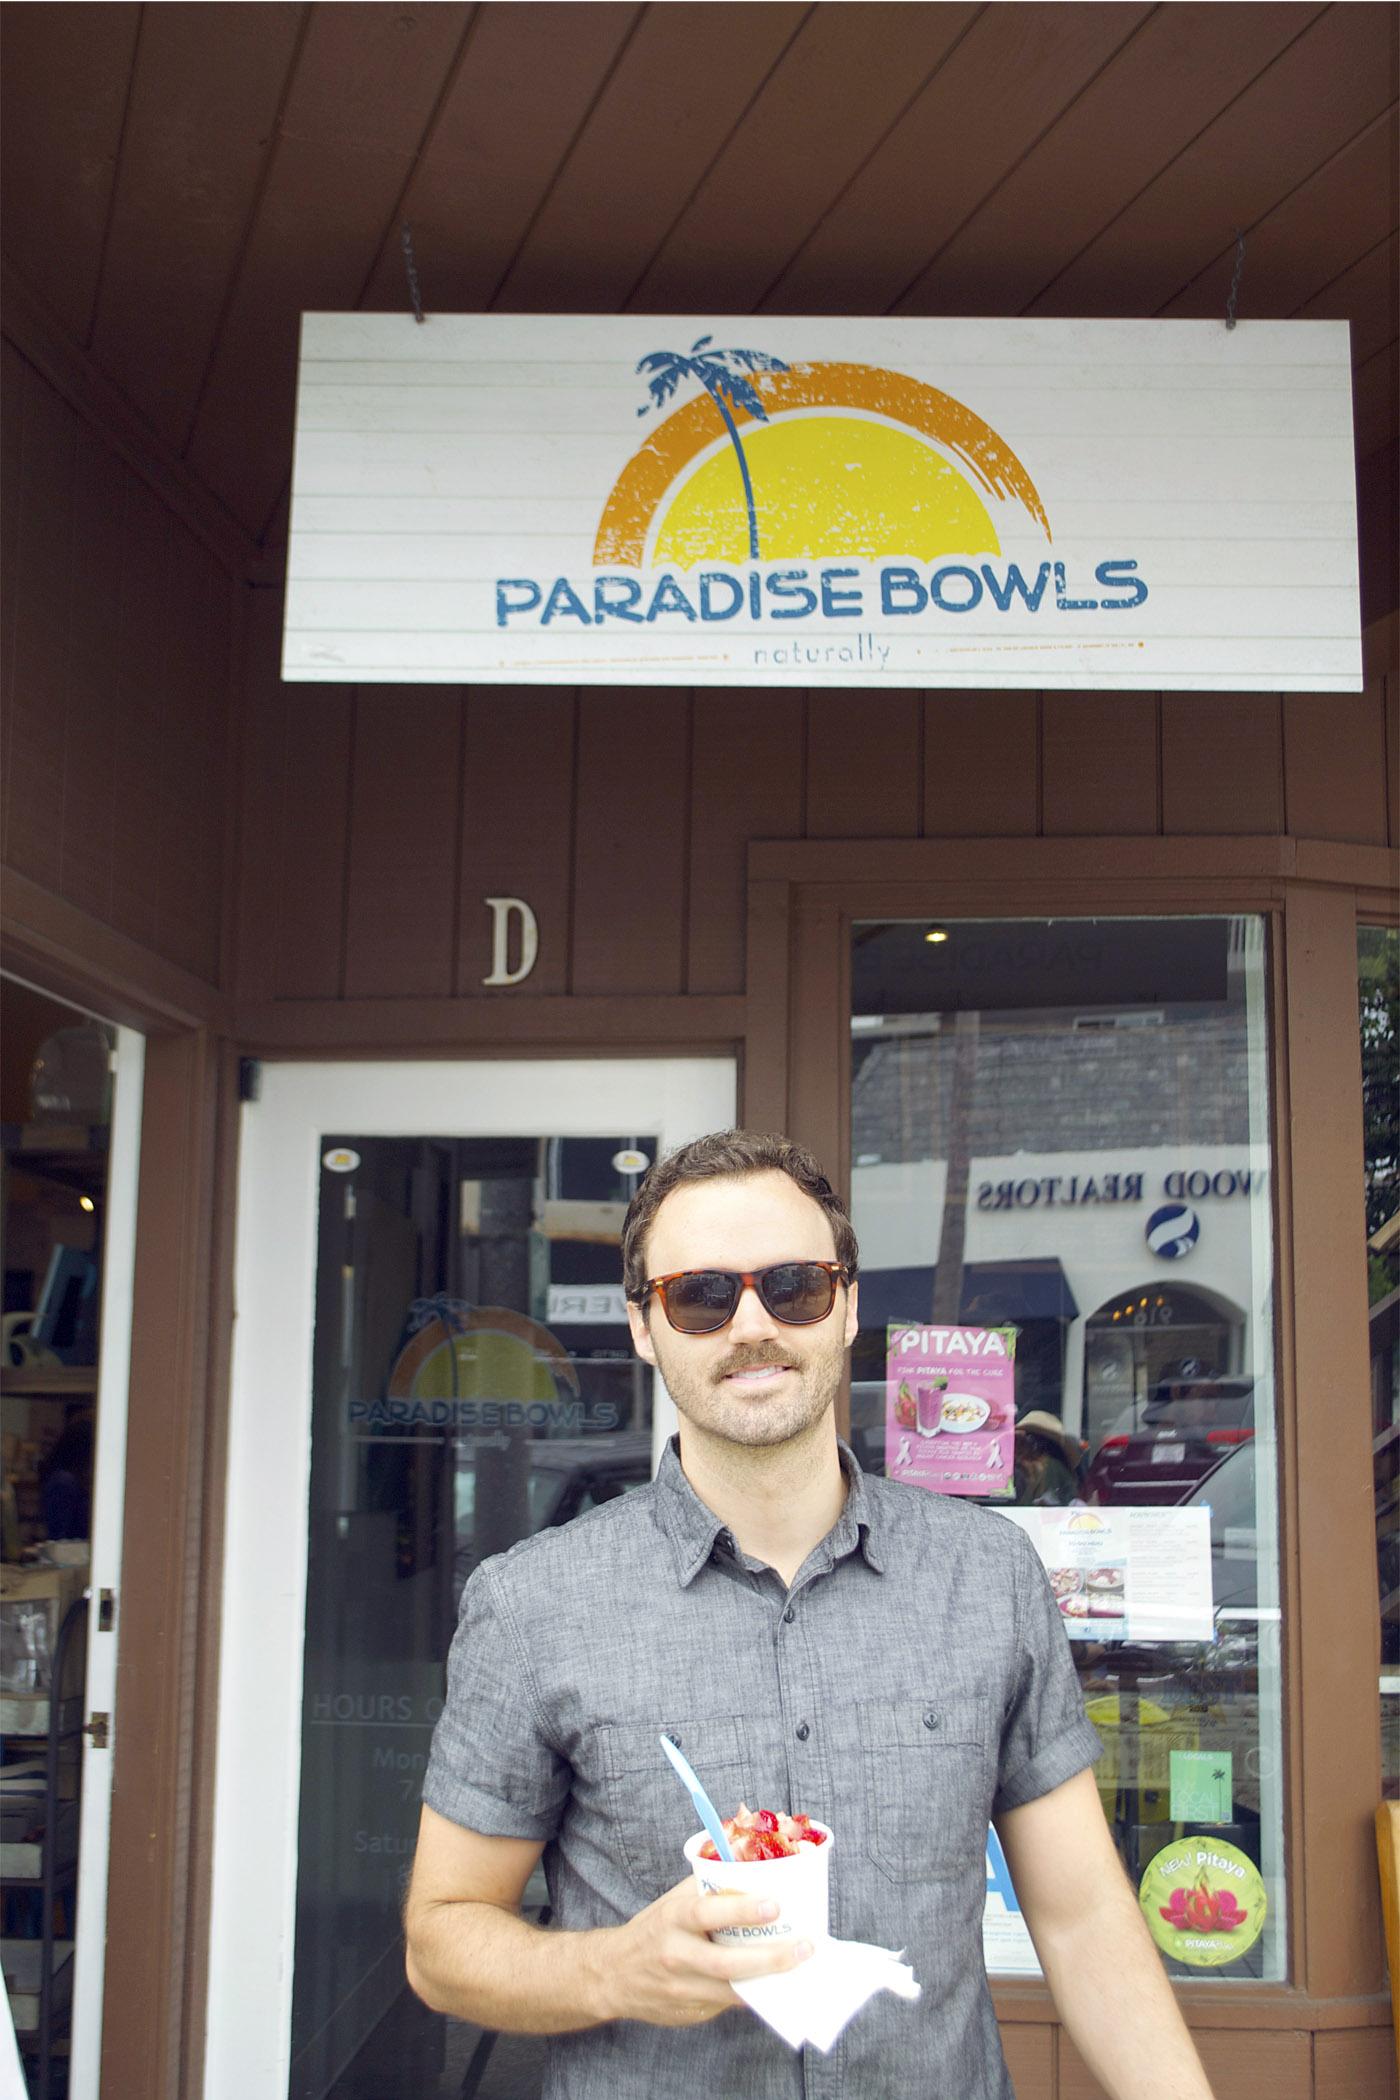 paradise bowls manhattan beach